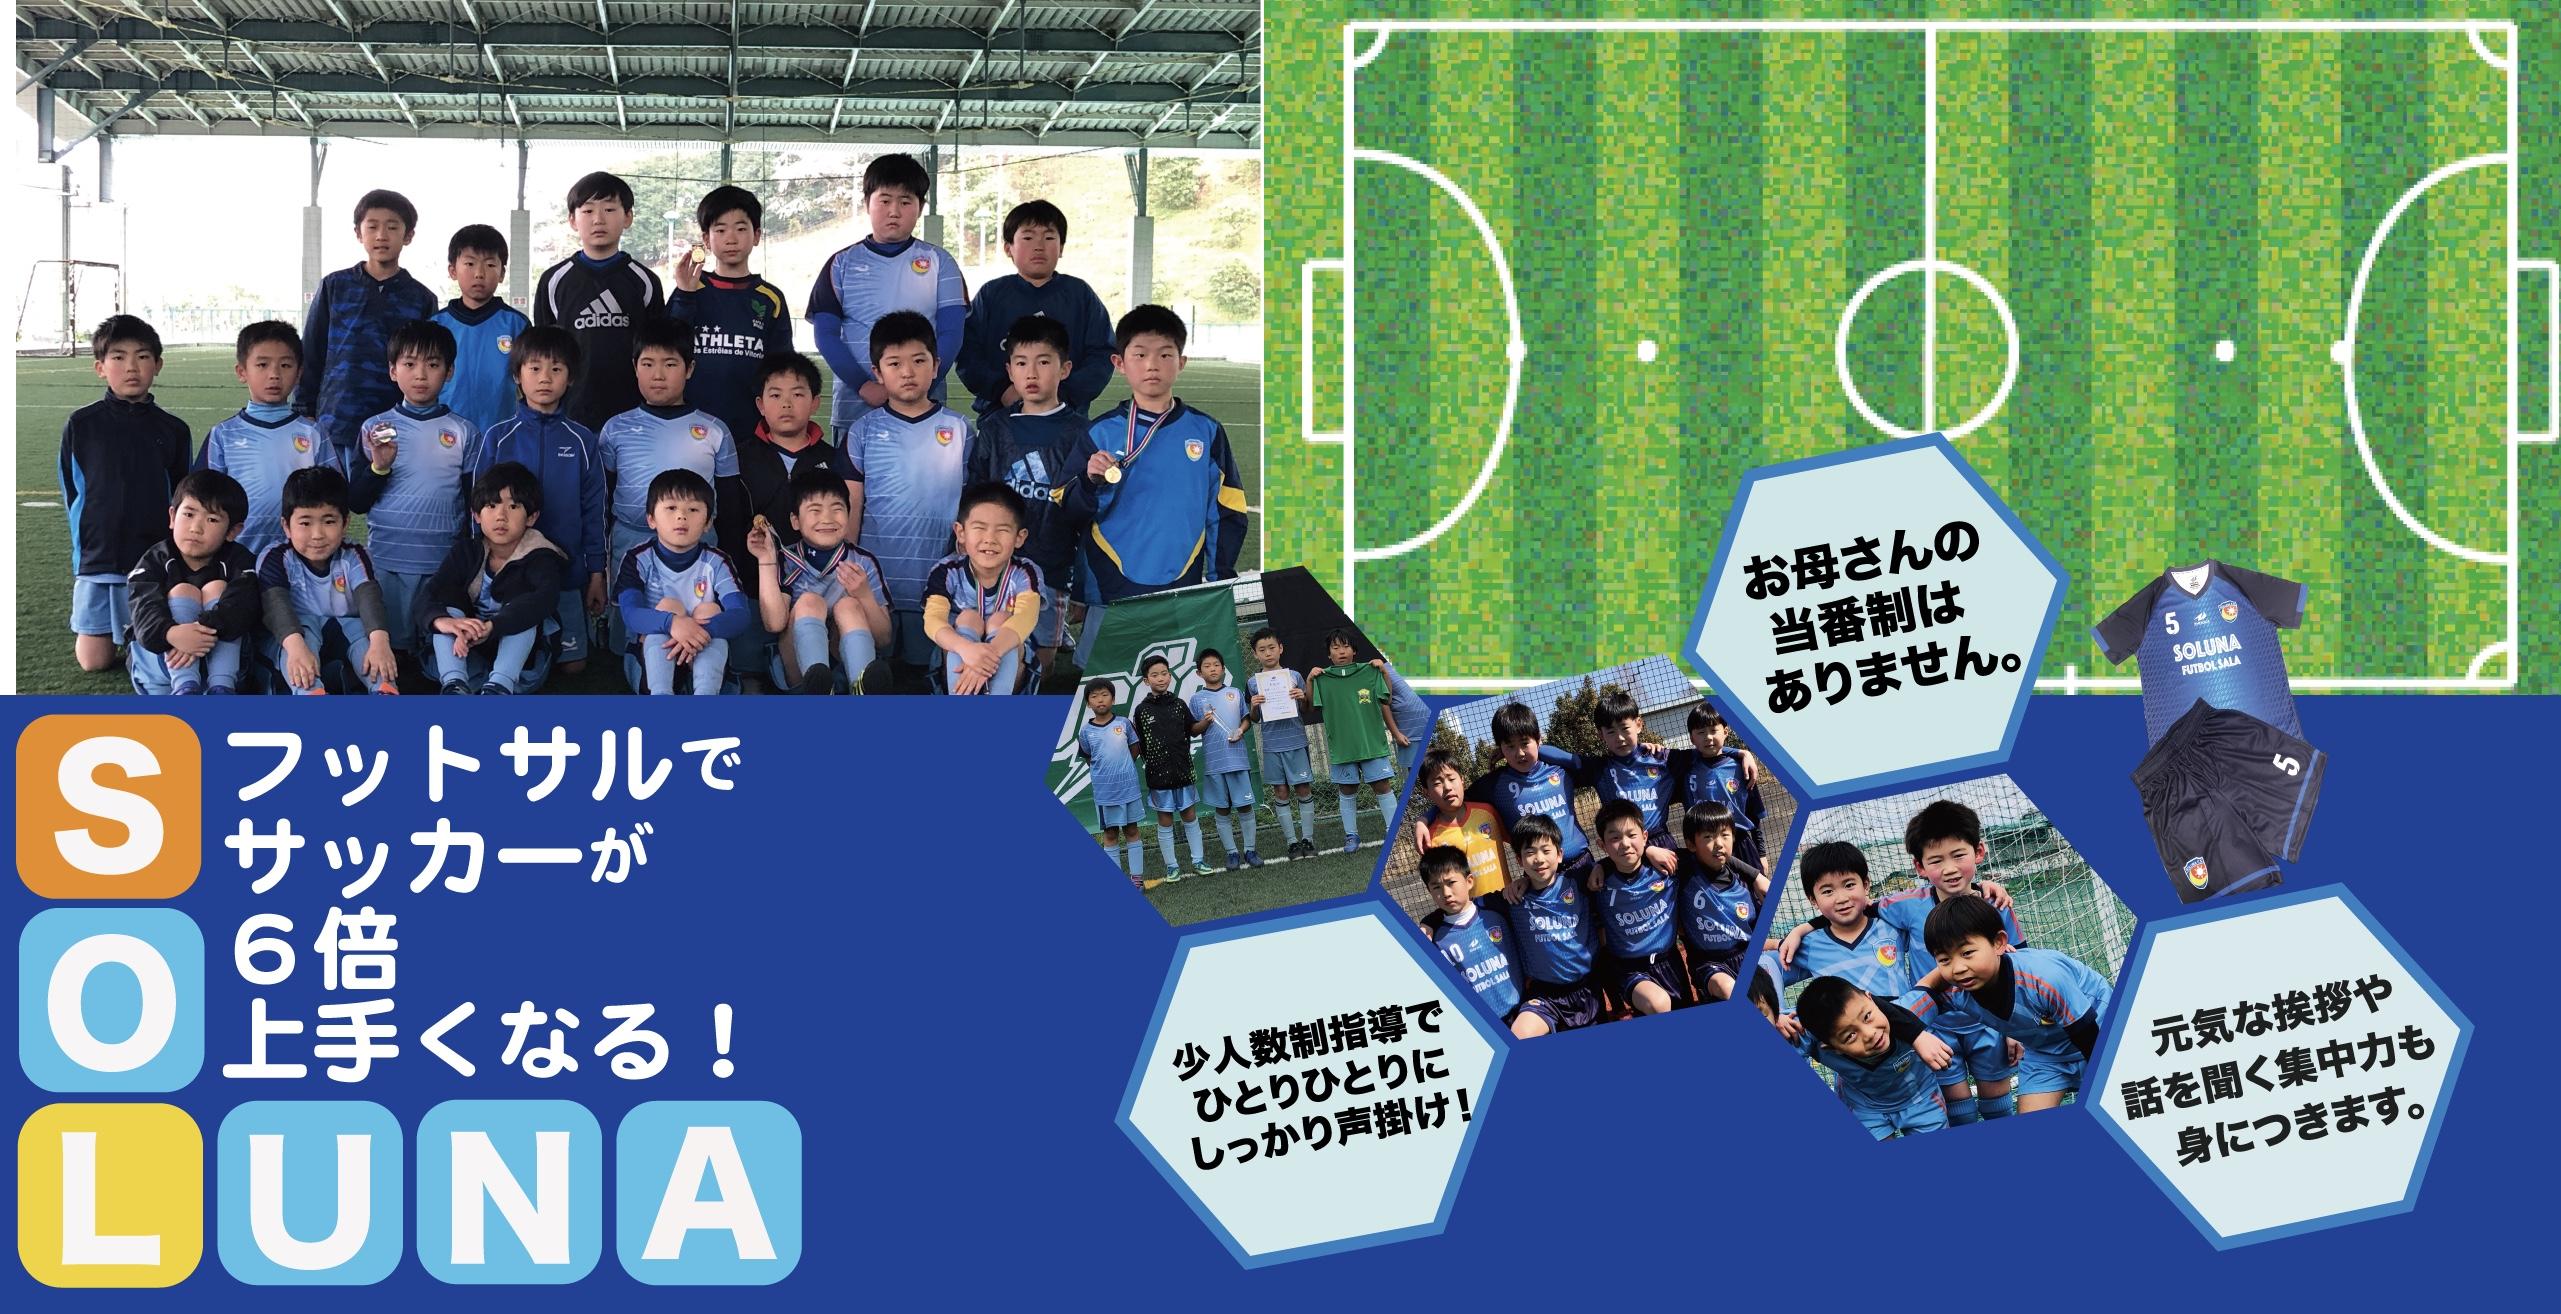 福岡のフットサルスクール『SOLUNA F.S.』キッズ&ジュニア専門クラブ